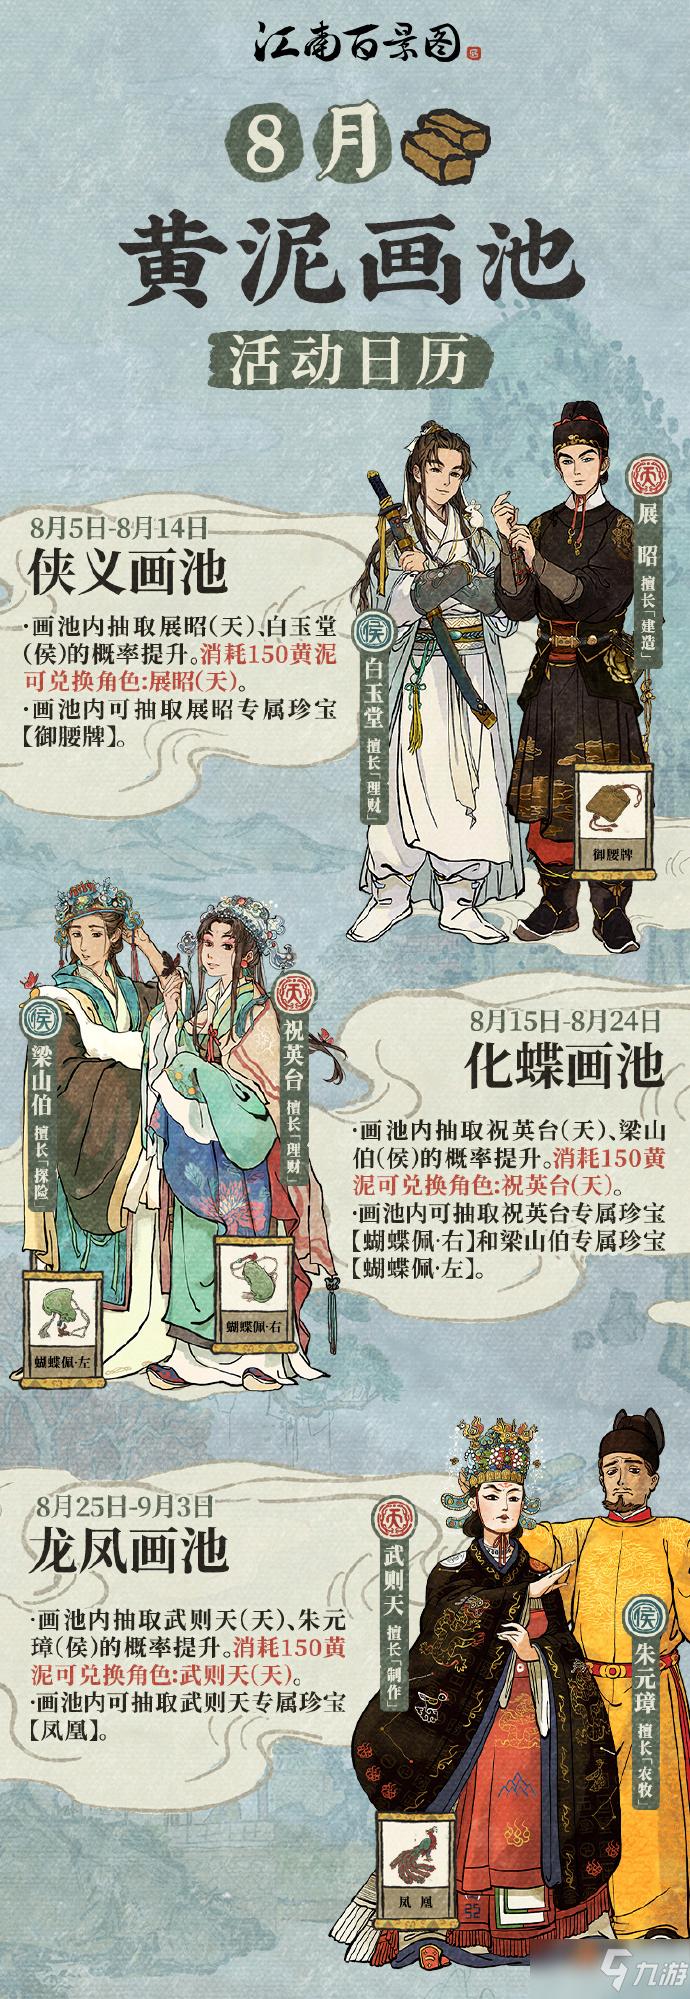 《江南百景图》8月黄泥画池活动分享